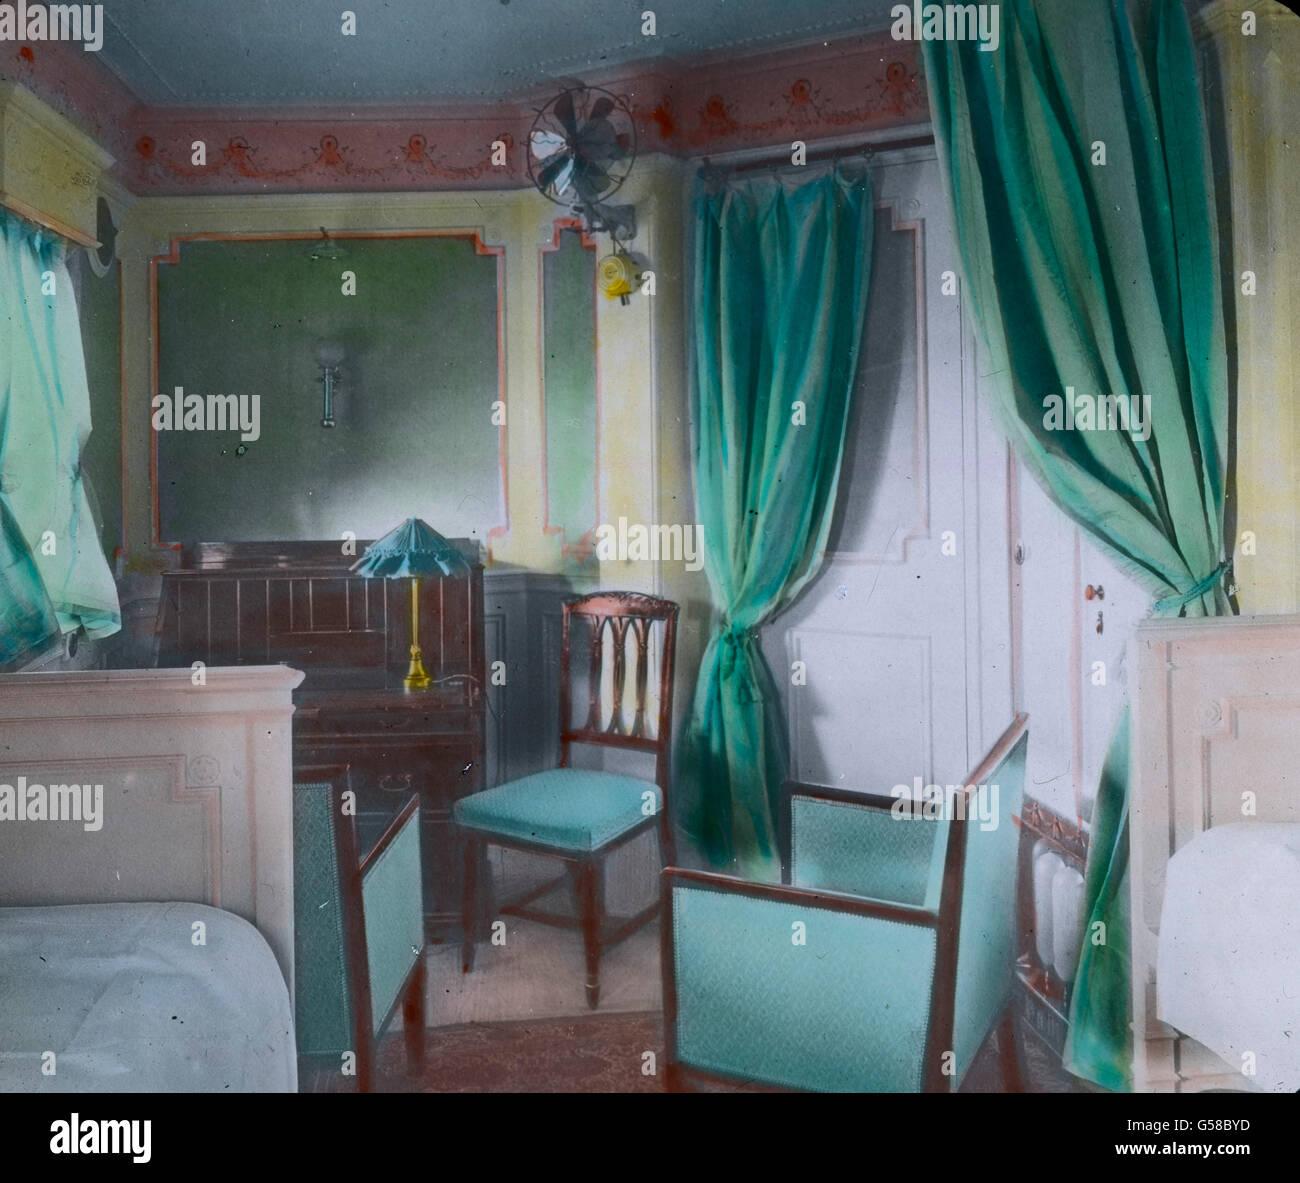 In Einer der Kabinen der Oberen Preisklasse: Luxuriös Eingerichtete ...